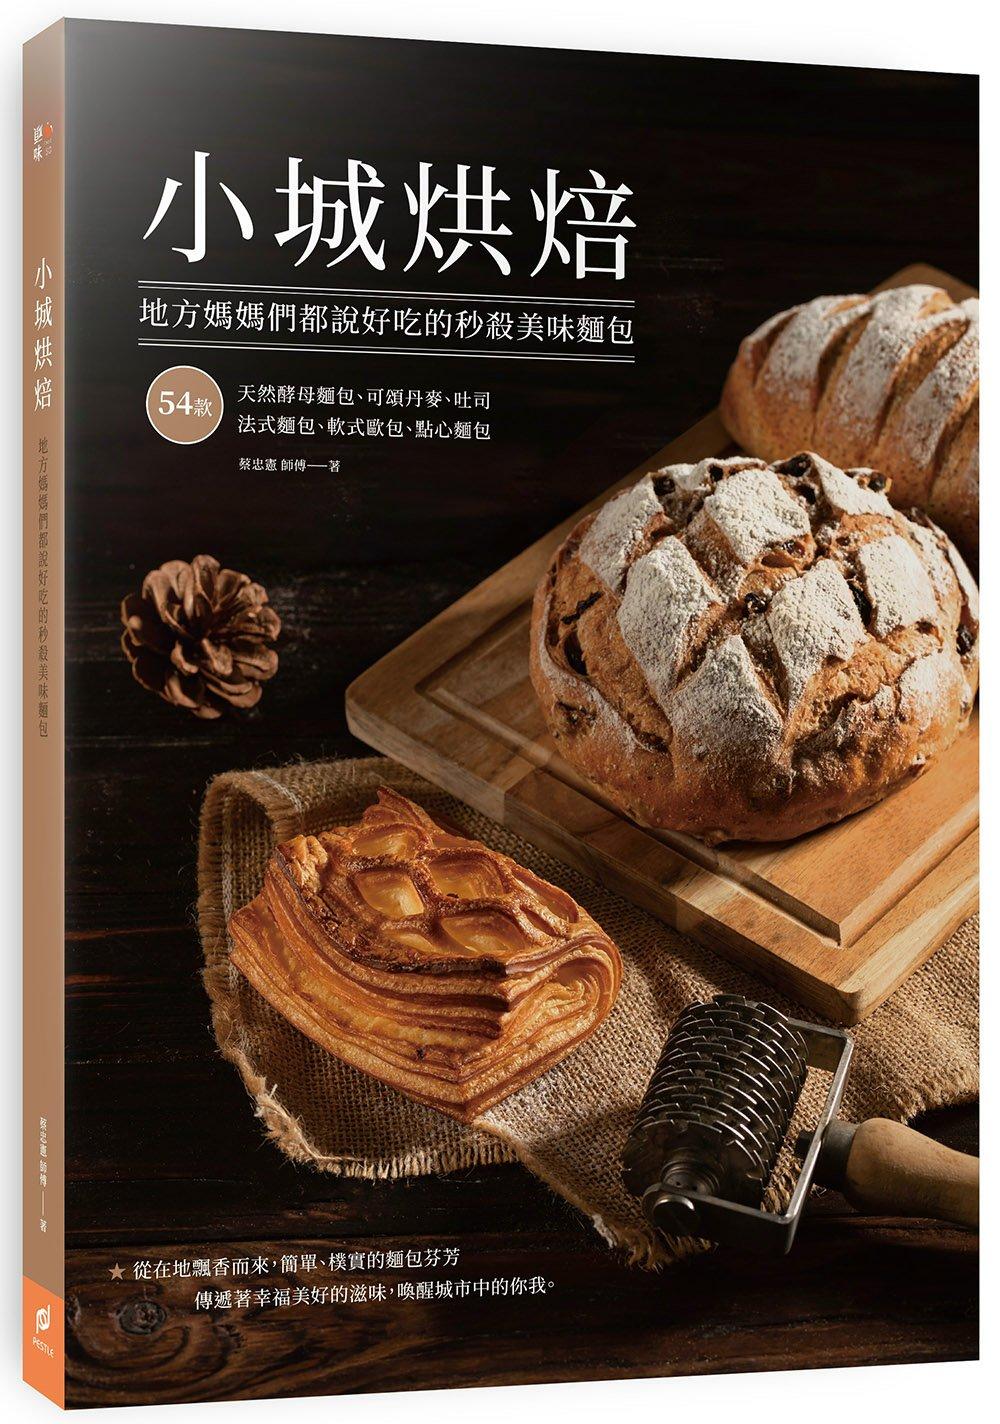 小城烘焙:地方媽媽們都說好吃的秒殺美味麵包